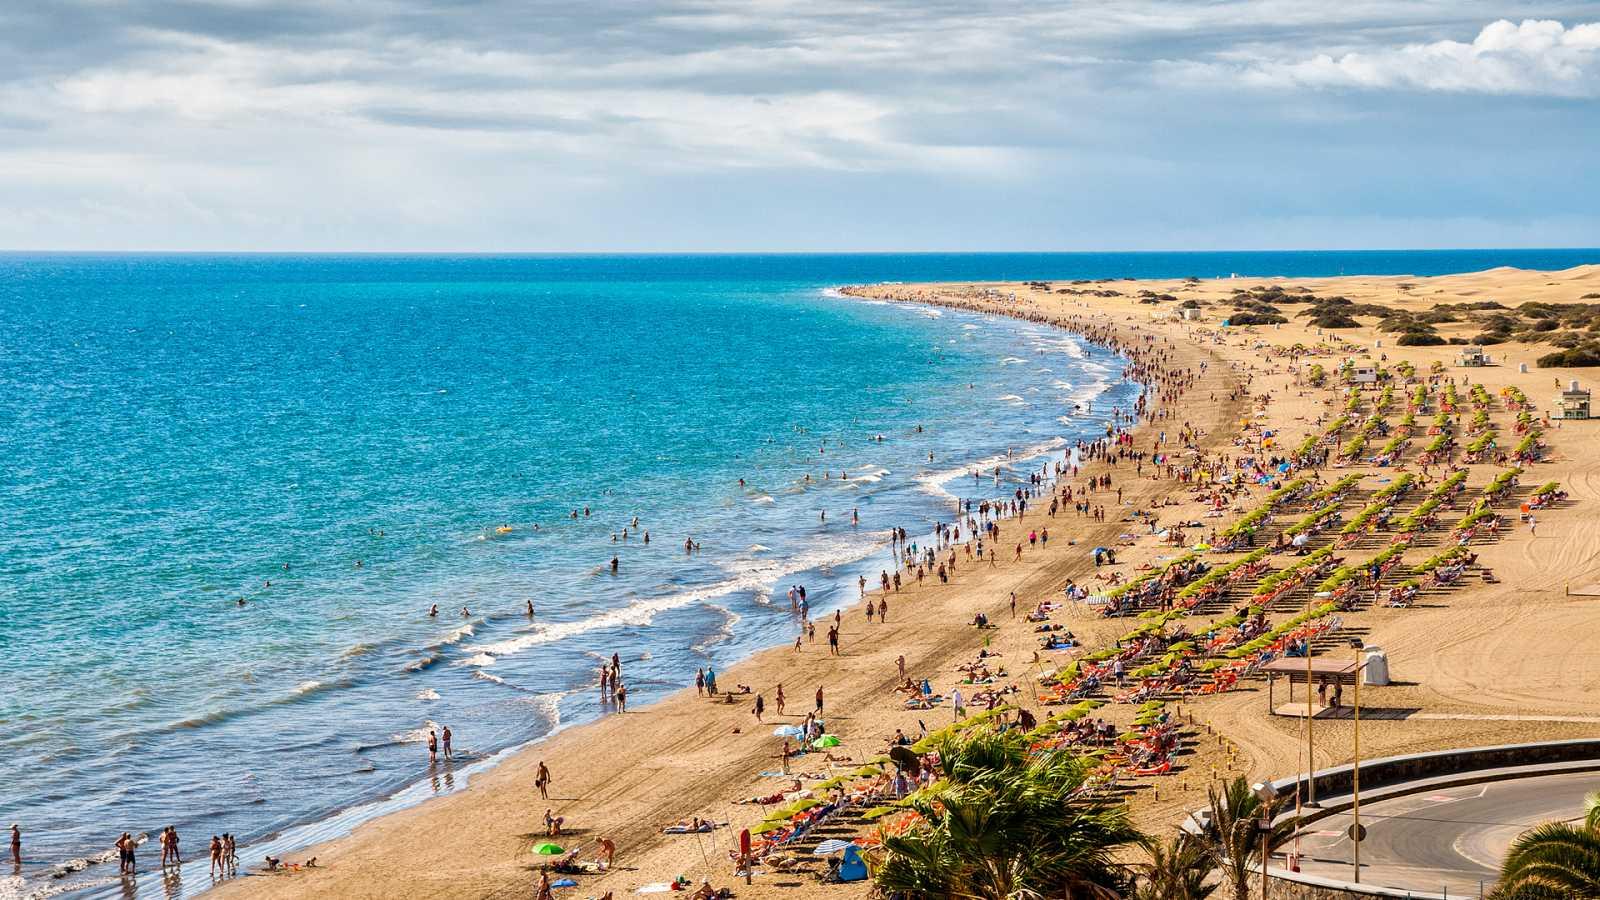 Comando al sol - España infinita - Ver ahora